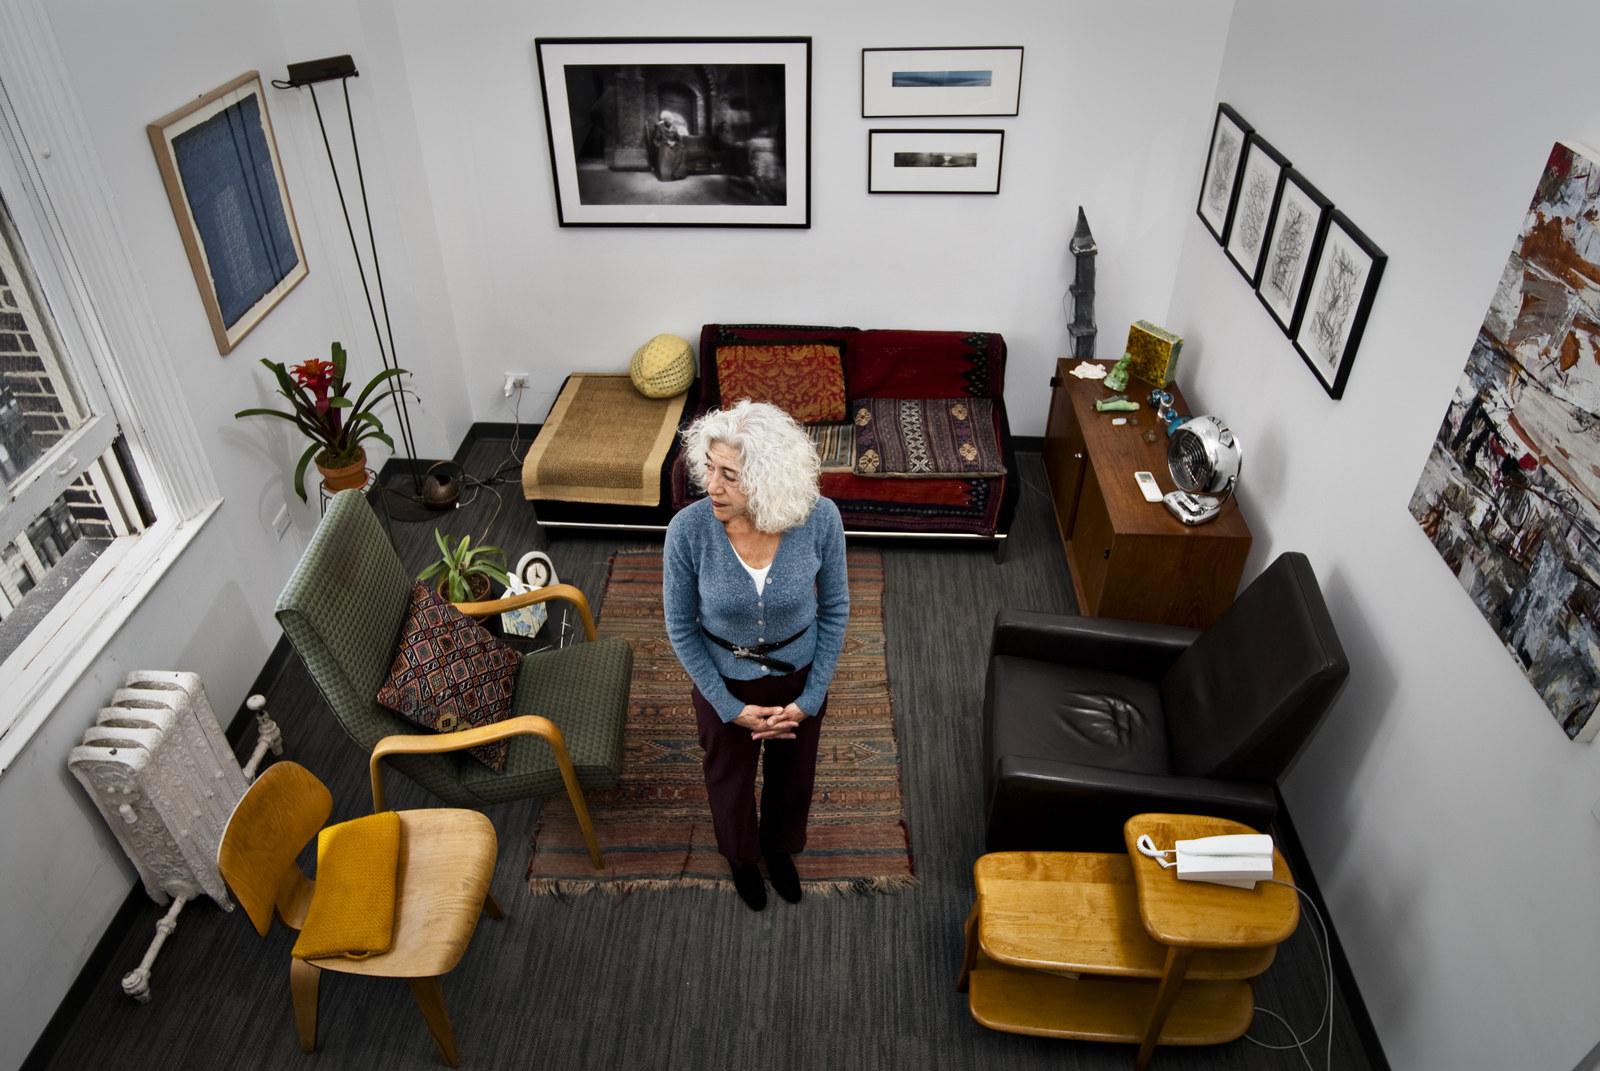 Travma psikoterapisi nedir?